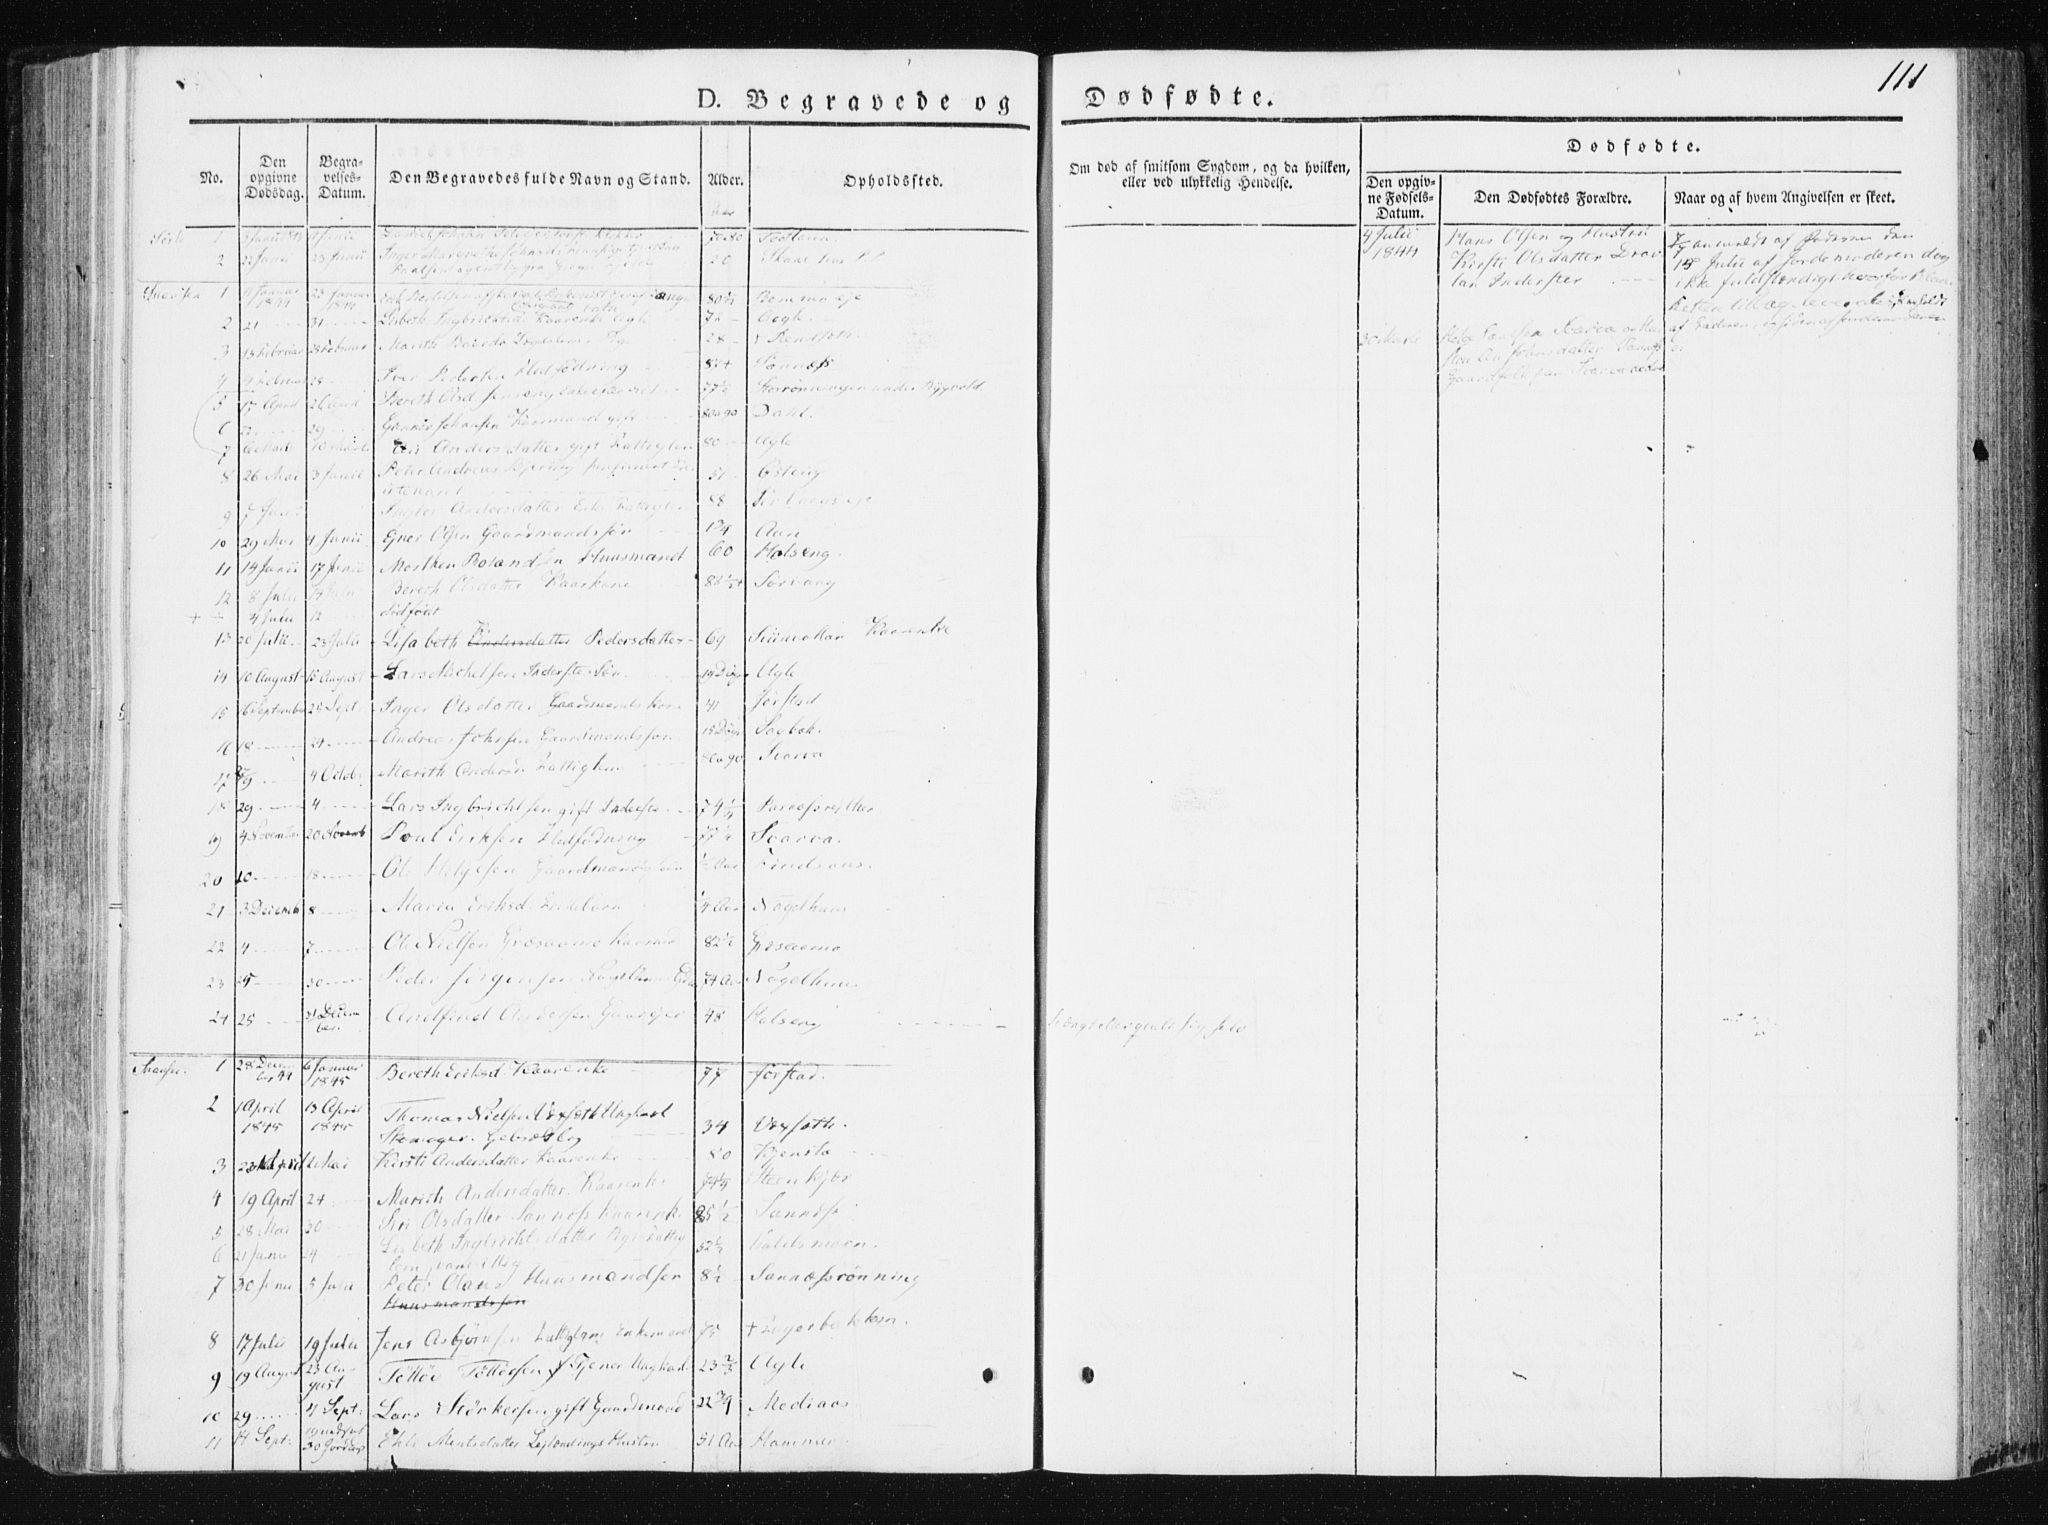 SAT, Ministerialprotokoller, klokkerbøker og fødselsregistre - Nord-Trøndelag, 749/L0470: Ministerialbok nr. 749A04, 1834-1853, s. 111